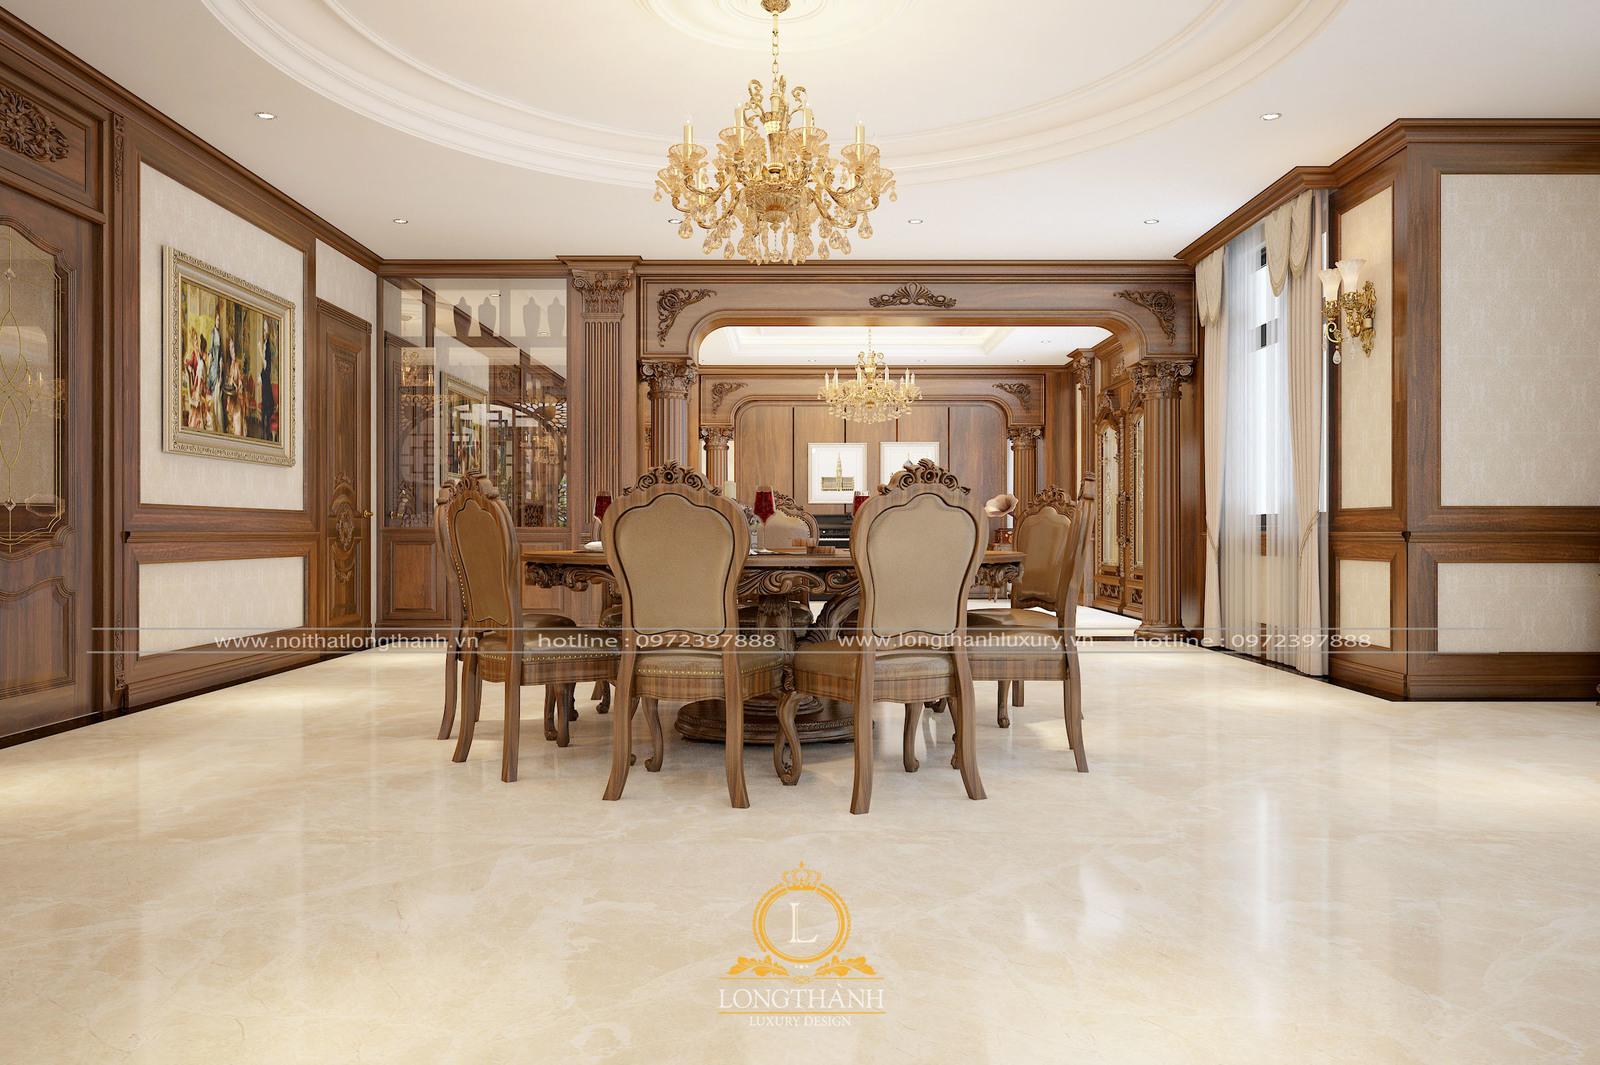 Thiết kế tân cổ điển với phòng ăn liên thông phòng khách